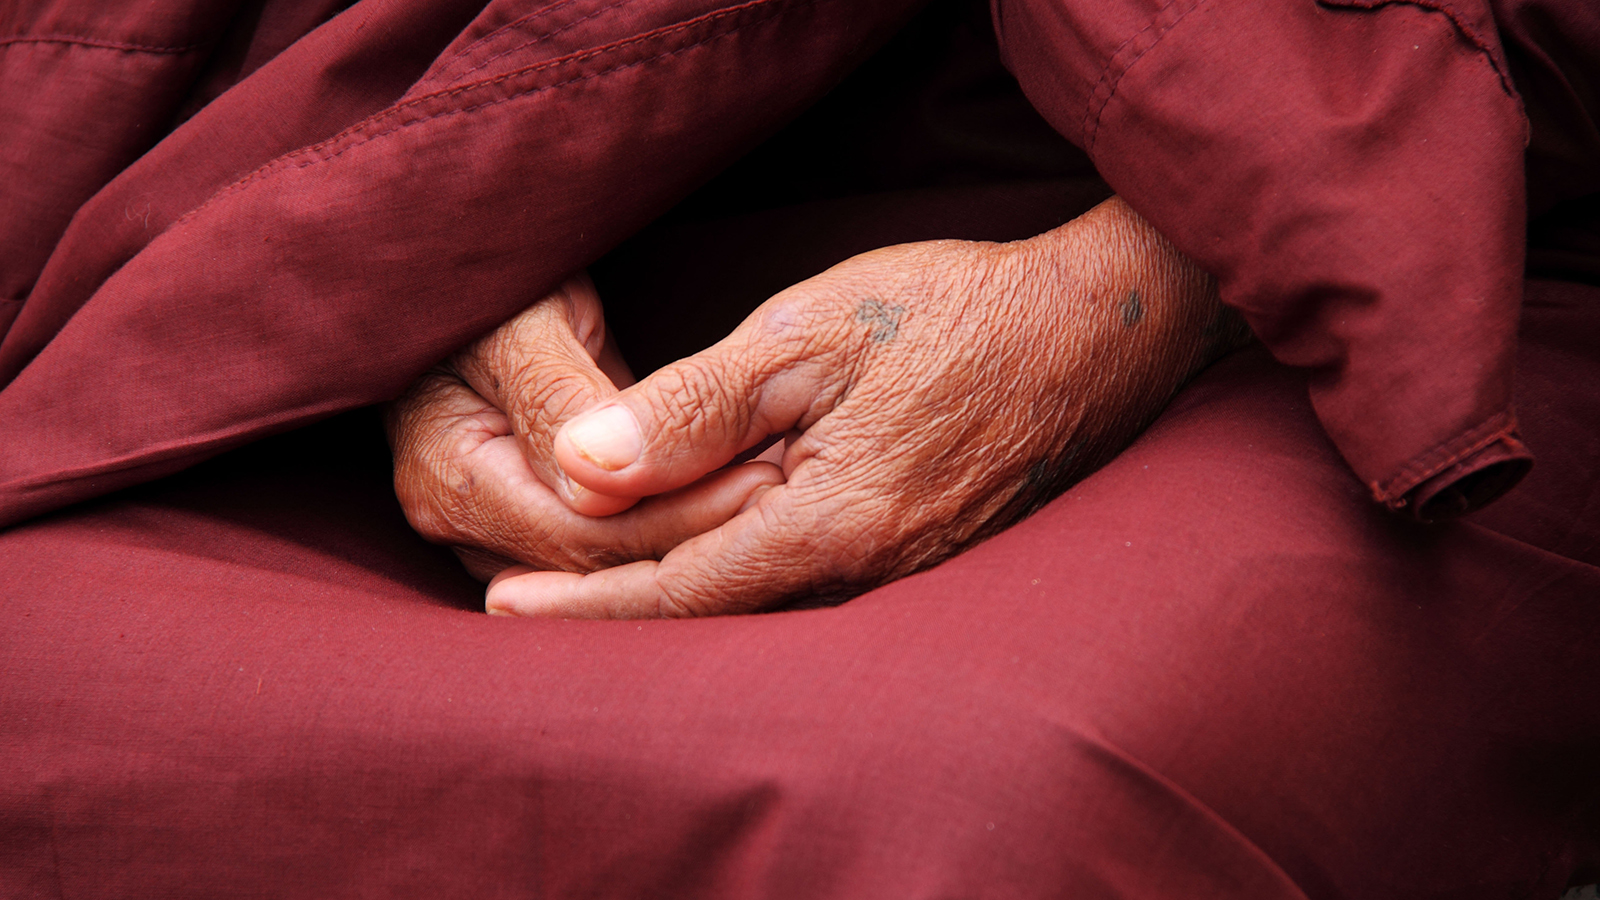 Elder Buddhist monk clasps his hands in contemplation.